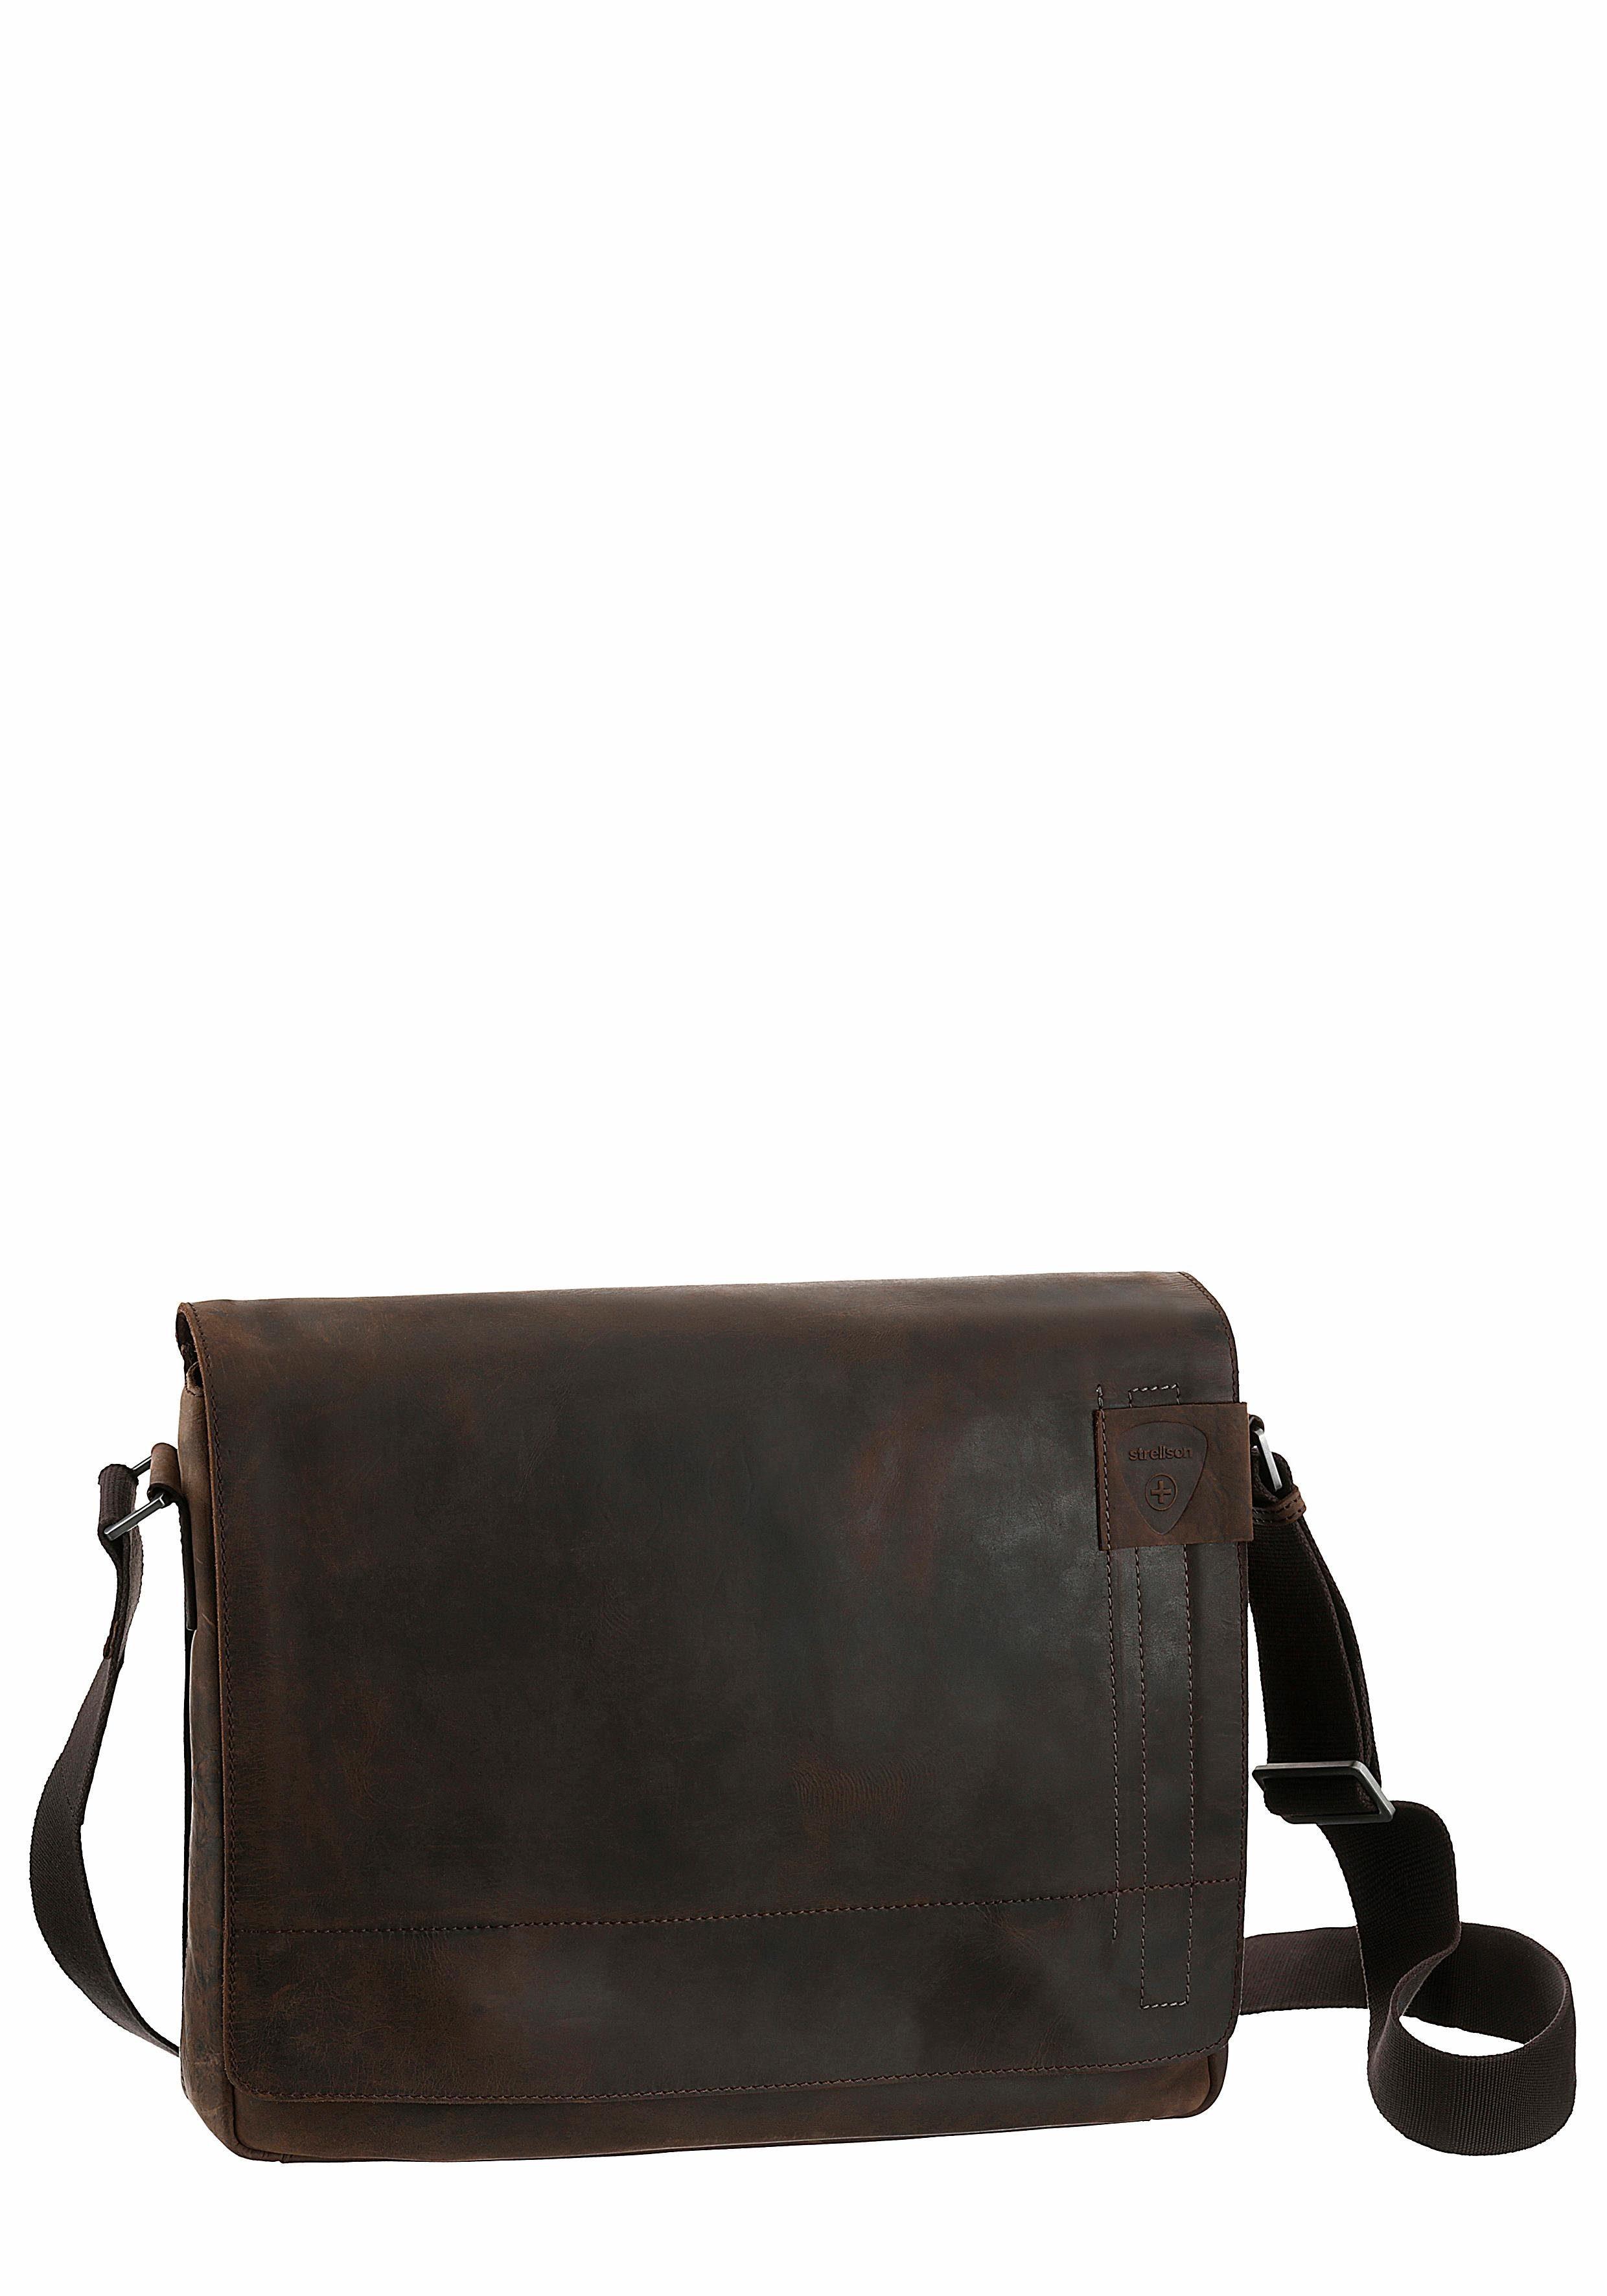 Strellson Messenger Bag, aus Leder mit gepolstertem Laptopfach